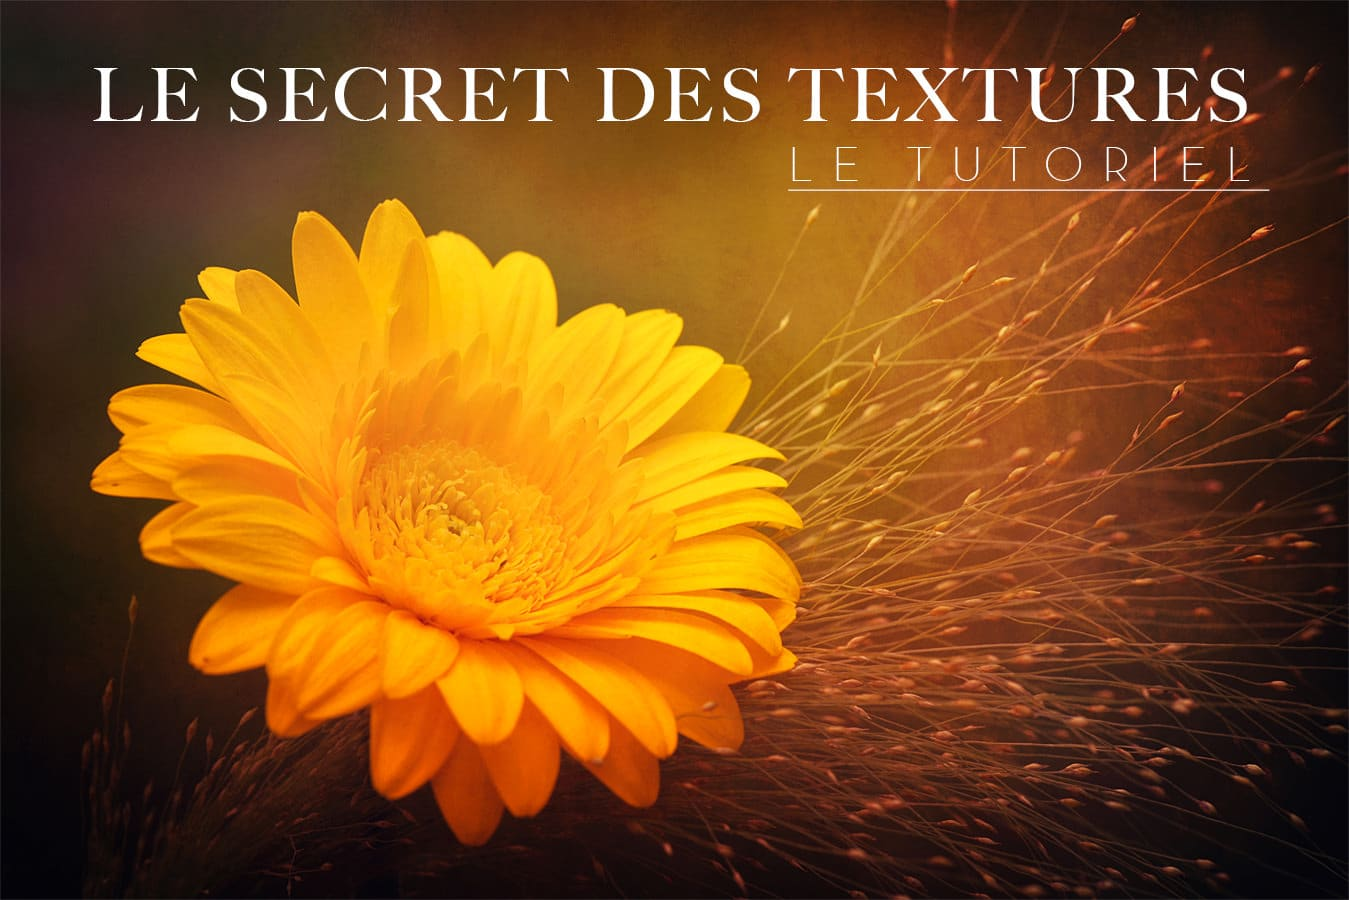 Le secret des textures